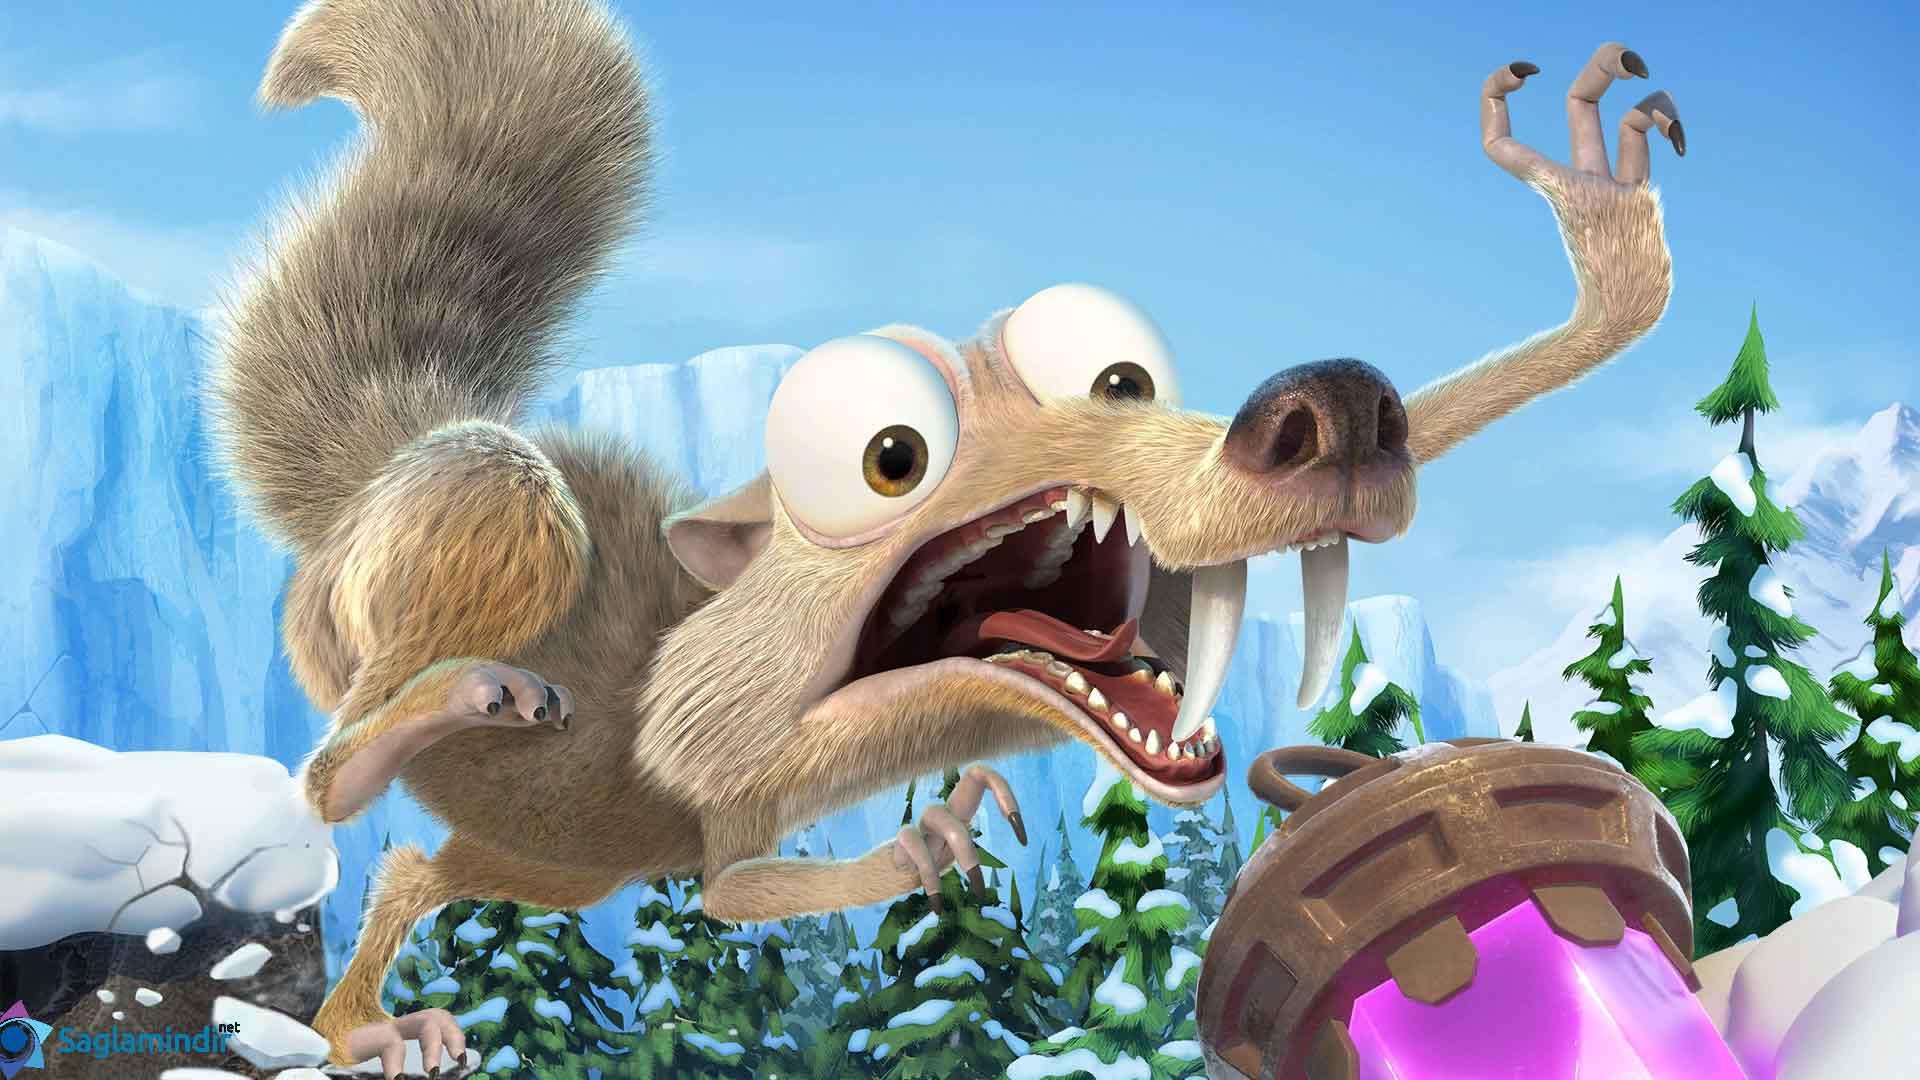 Ice Age Scrat's Nutty Adventure saglamindir